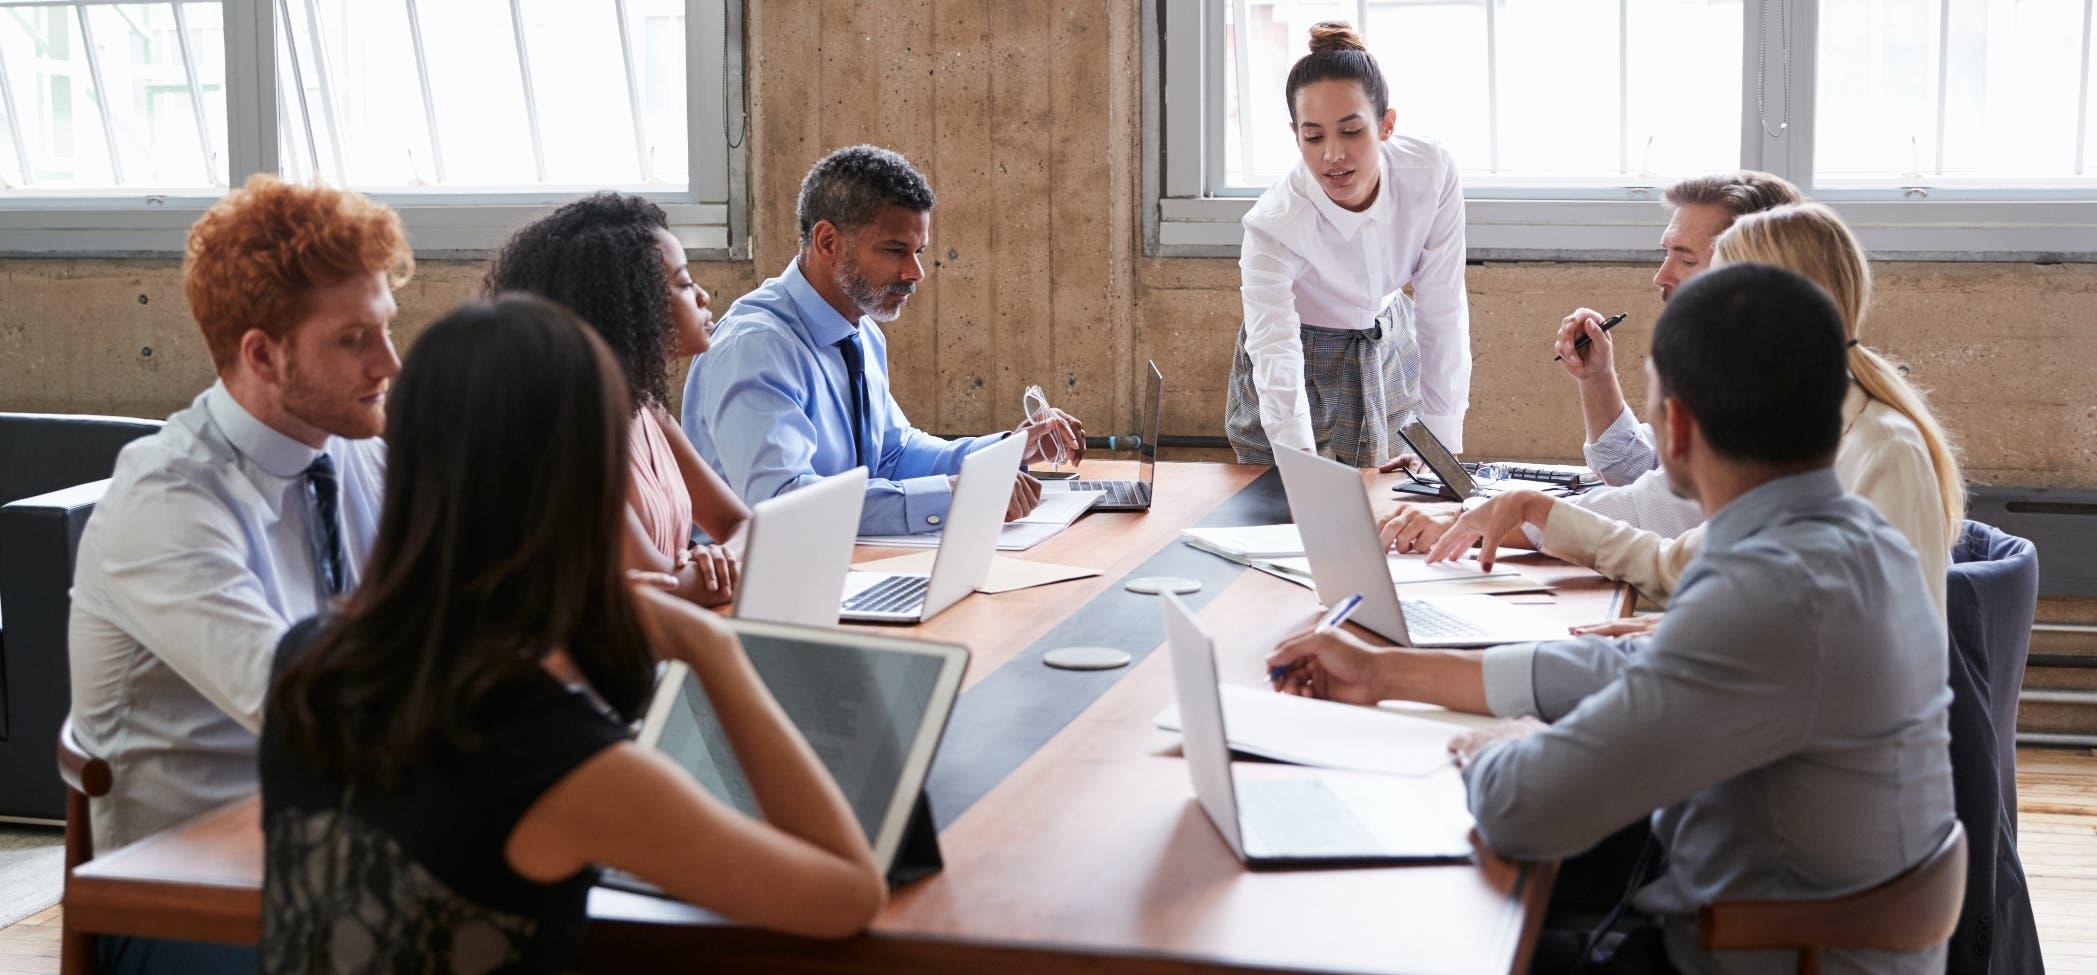 Economista sugiere reactivar sectores productivos para proteger empleo en tiempos del Covid-19